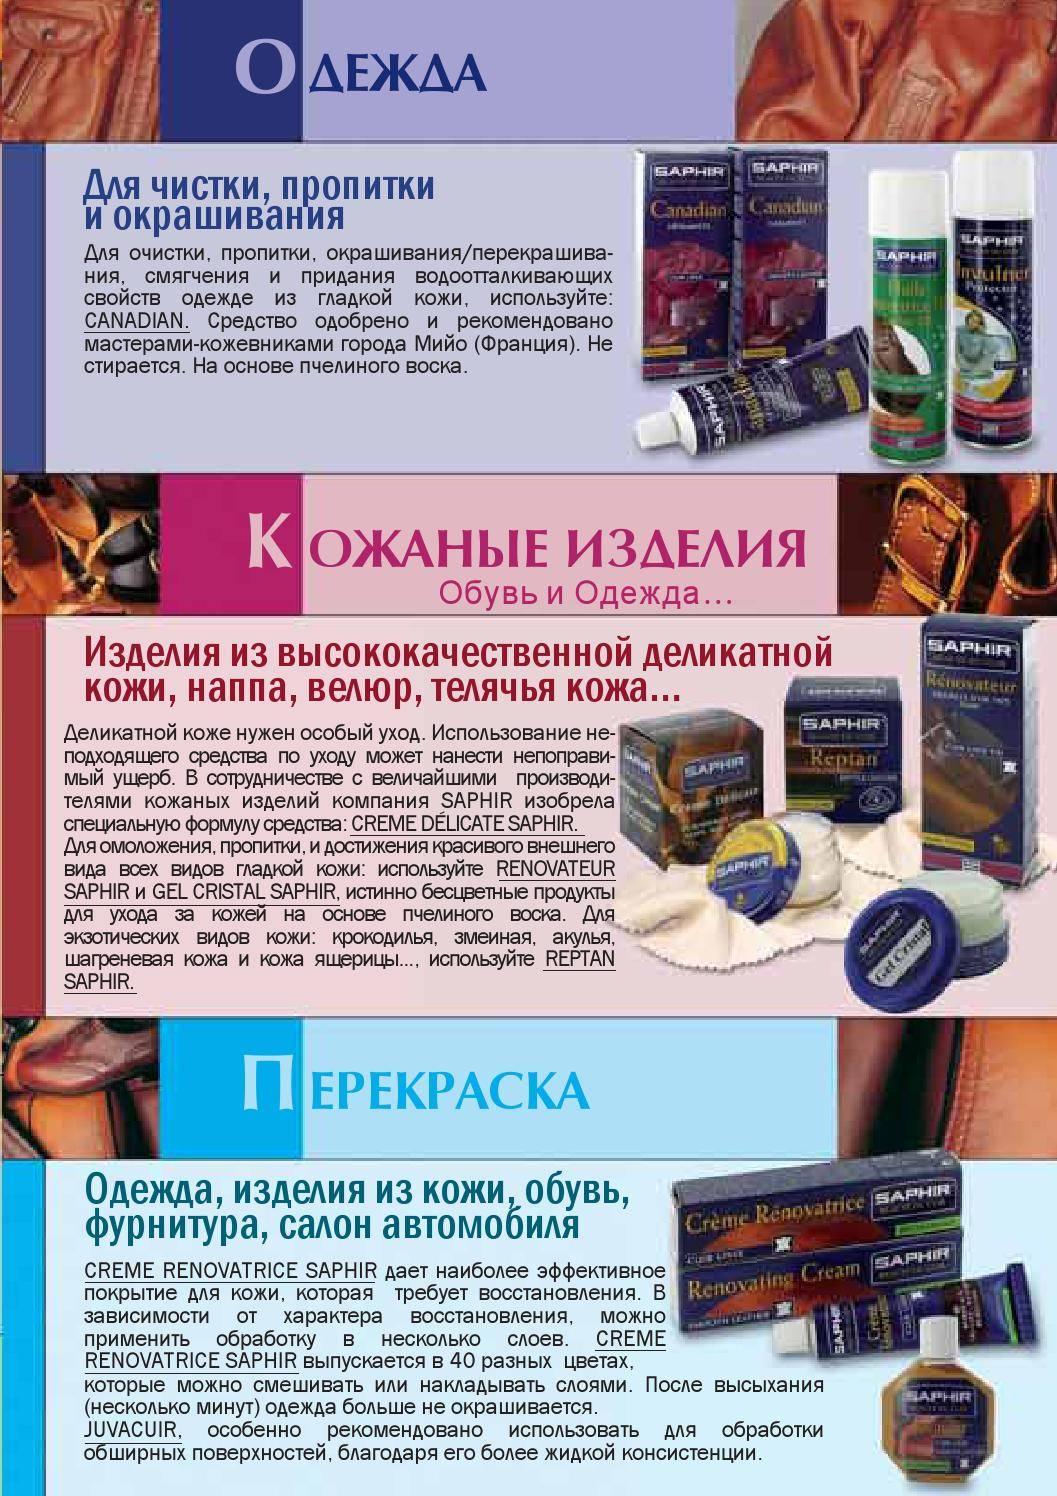 Уход за кожей: народные рецепты, как ухаживать за кожей лица и волосами в домашних условиях